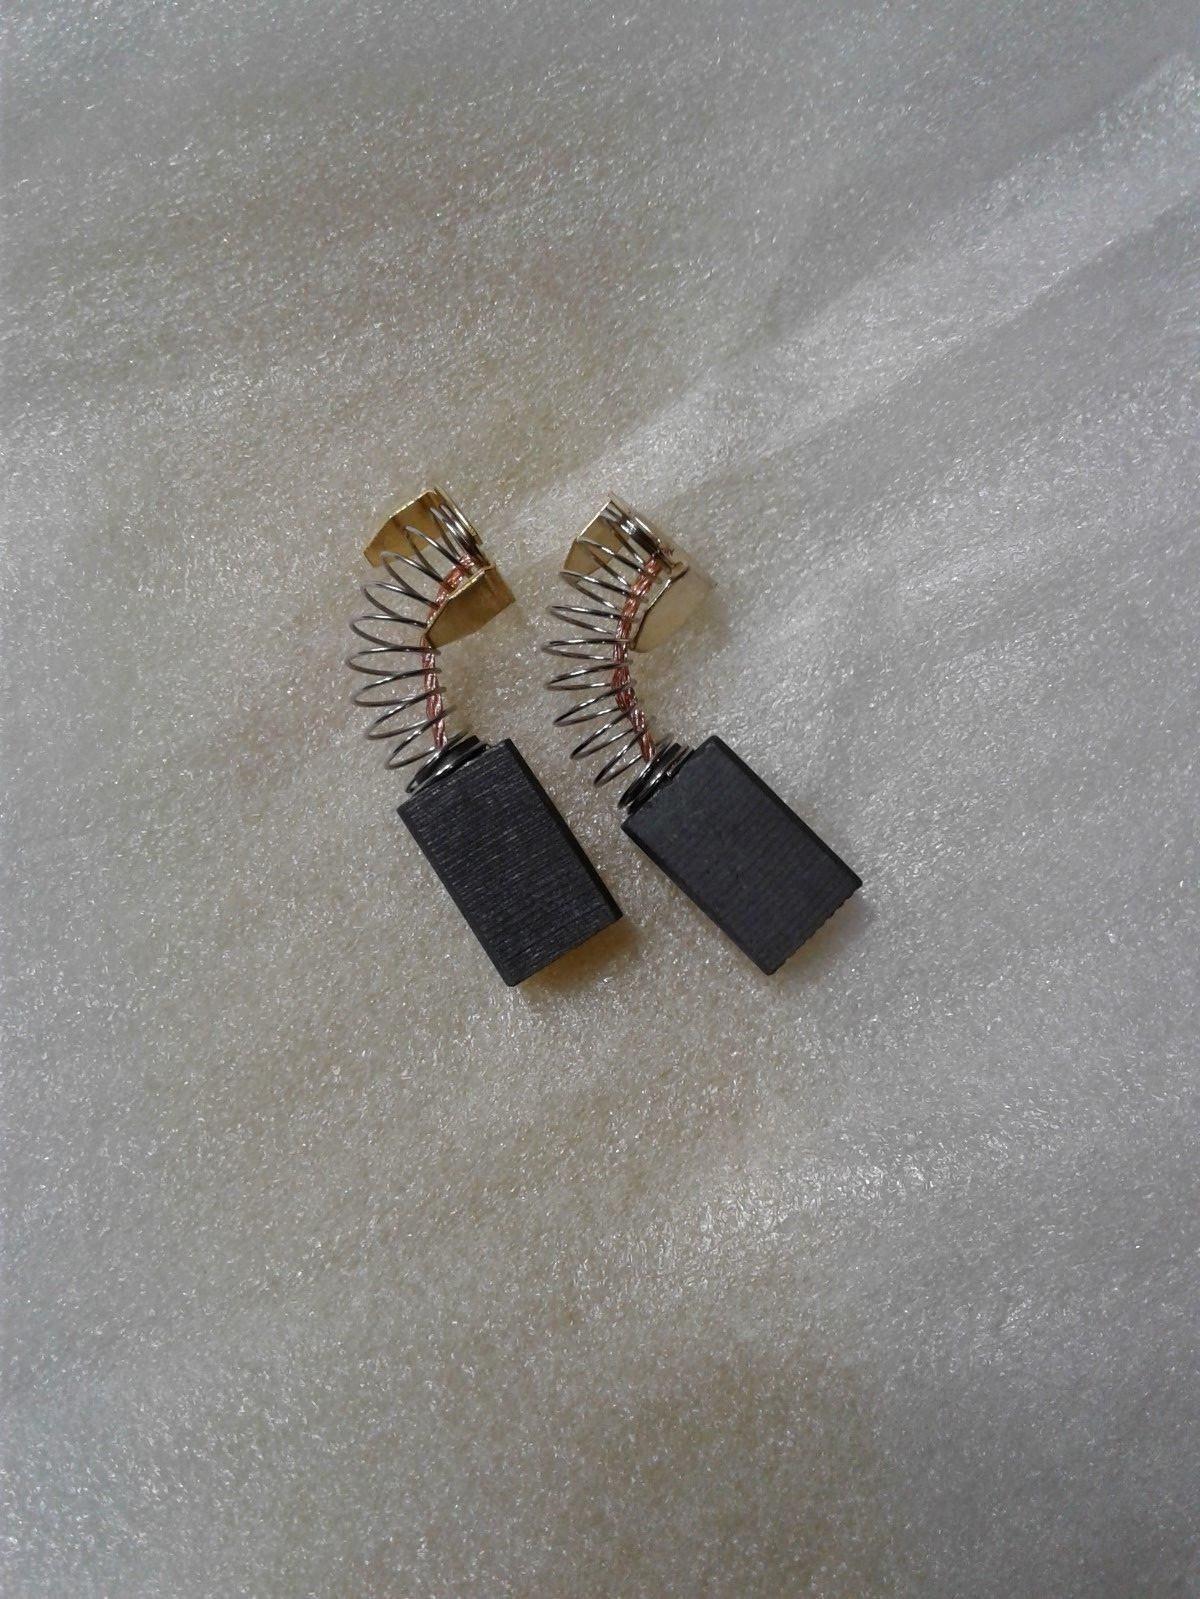 Kobalt Tile Saw Motor Brush Kws S7 06 Carbon Kws S72 06 632871 1085050 889265535140 Ebay Tile Saws Carbon Brushes Wet And Dry